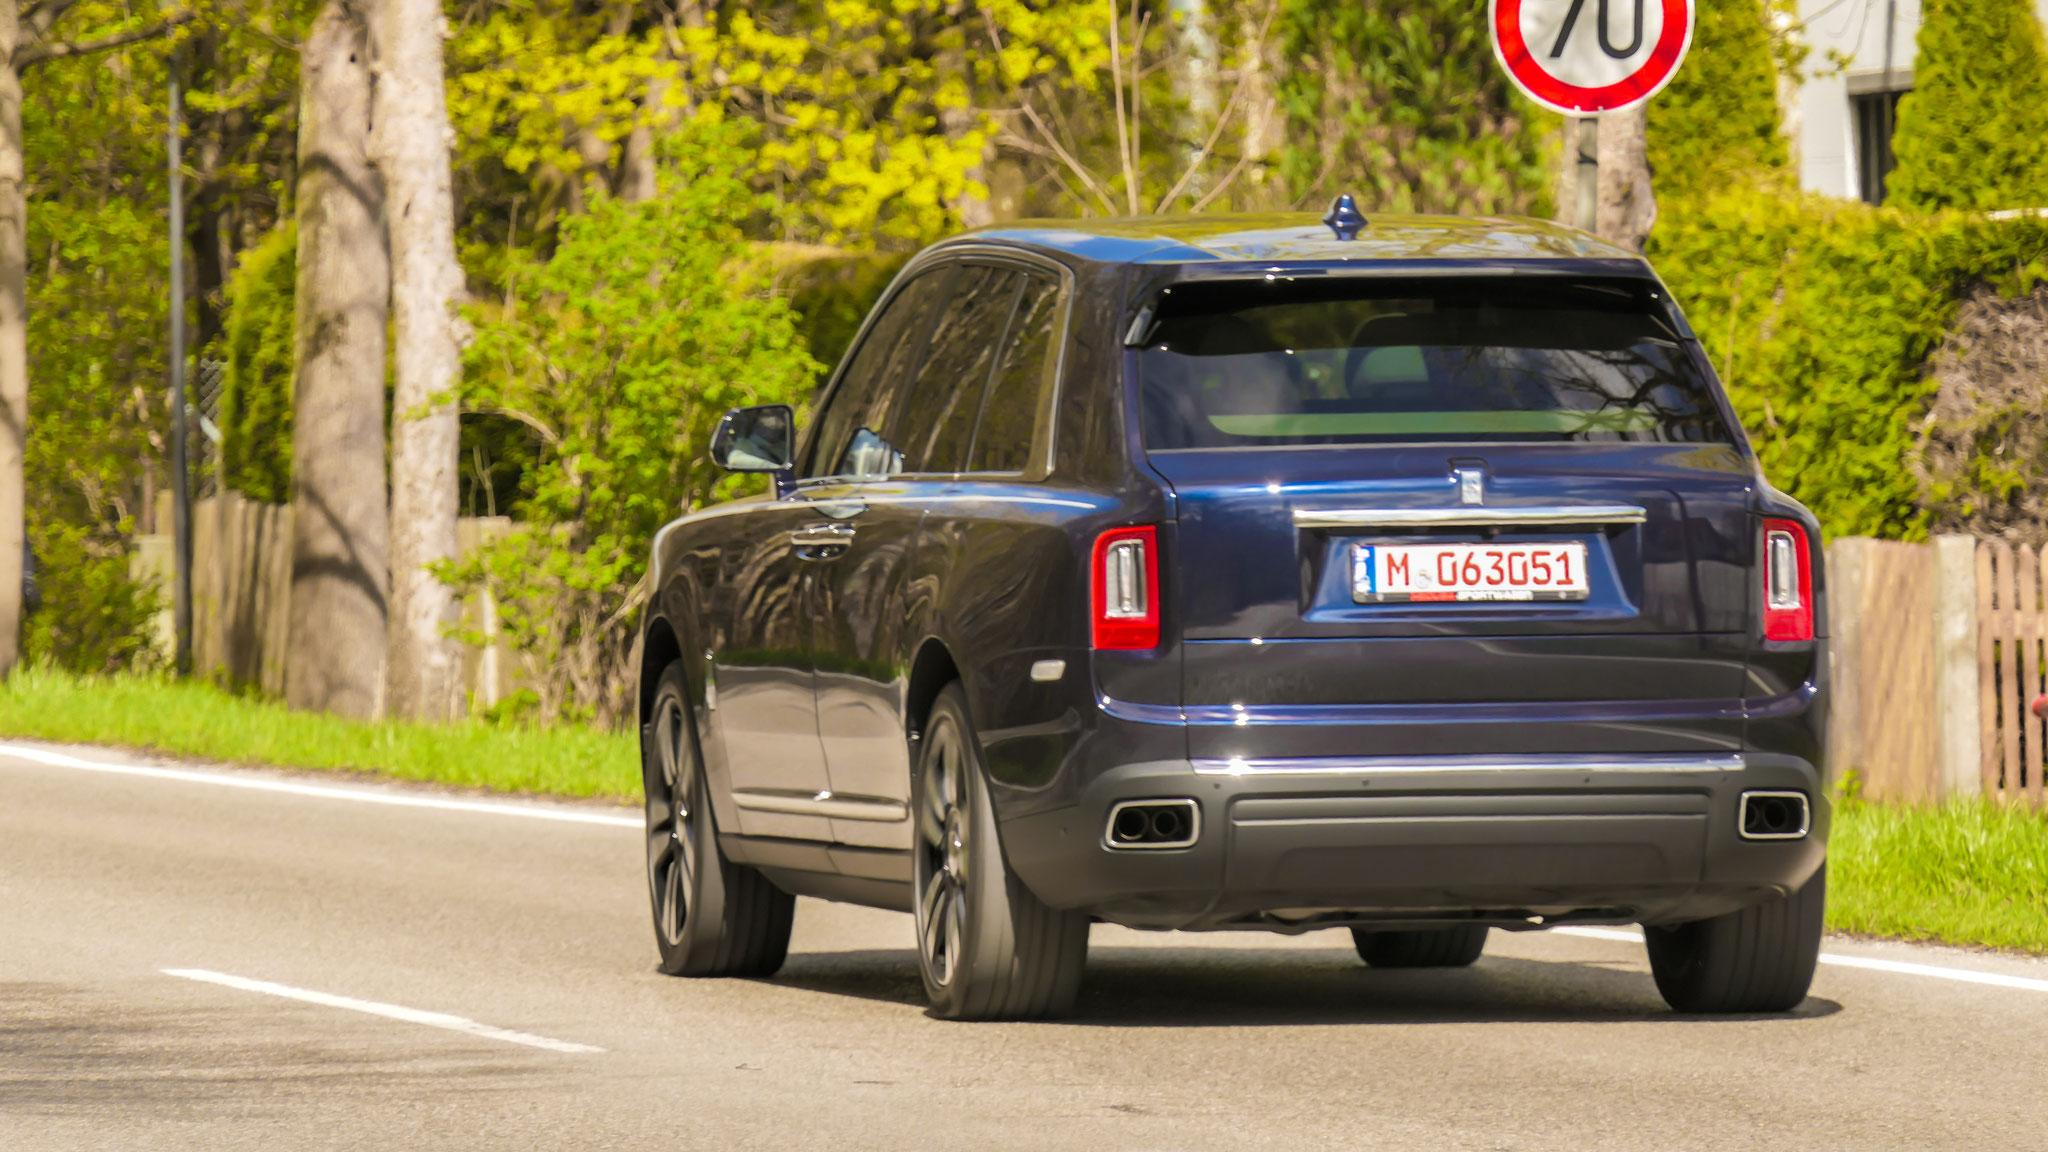 Rolls Royce Cullinan - M-063051